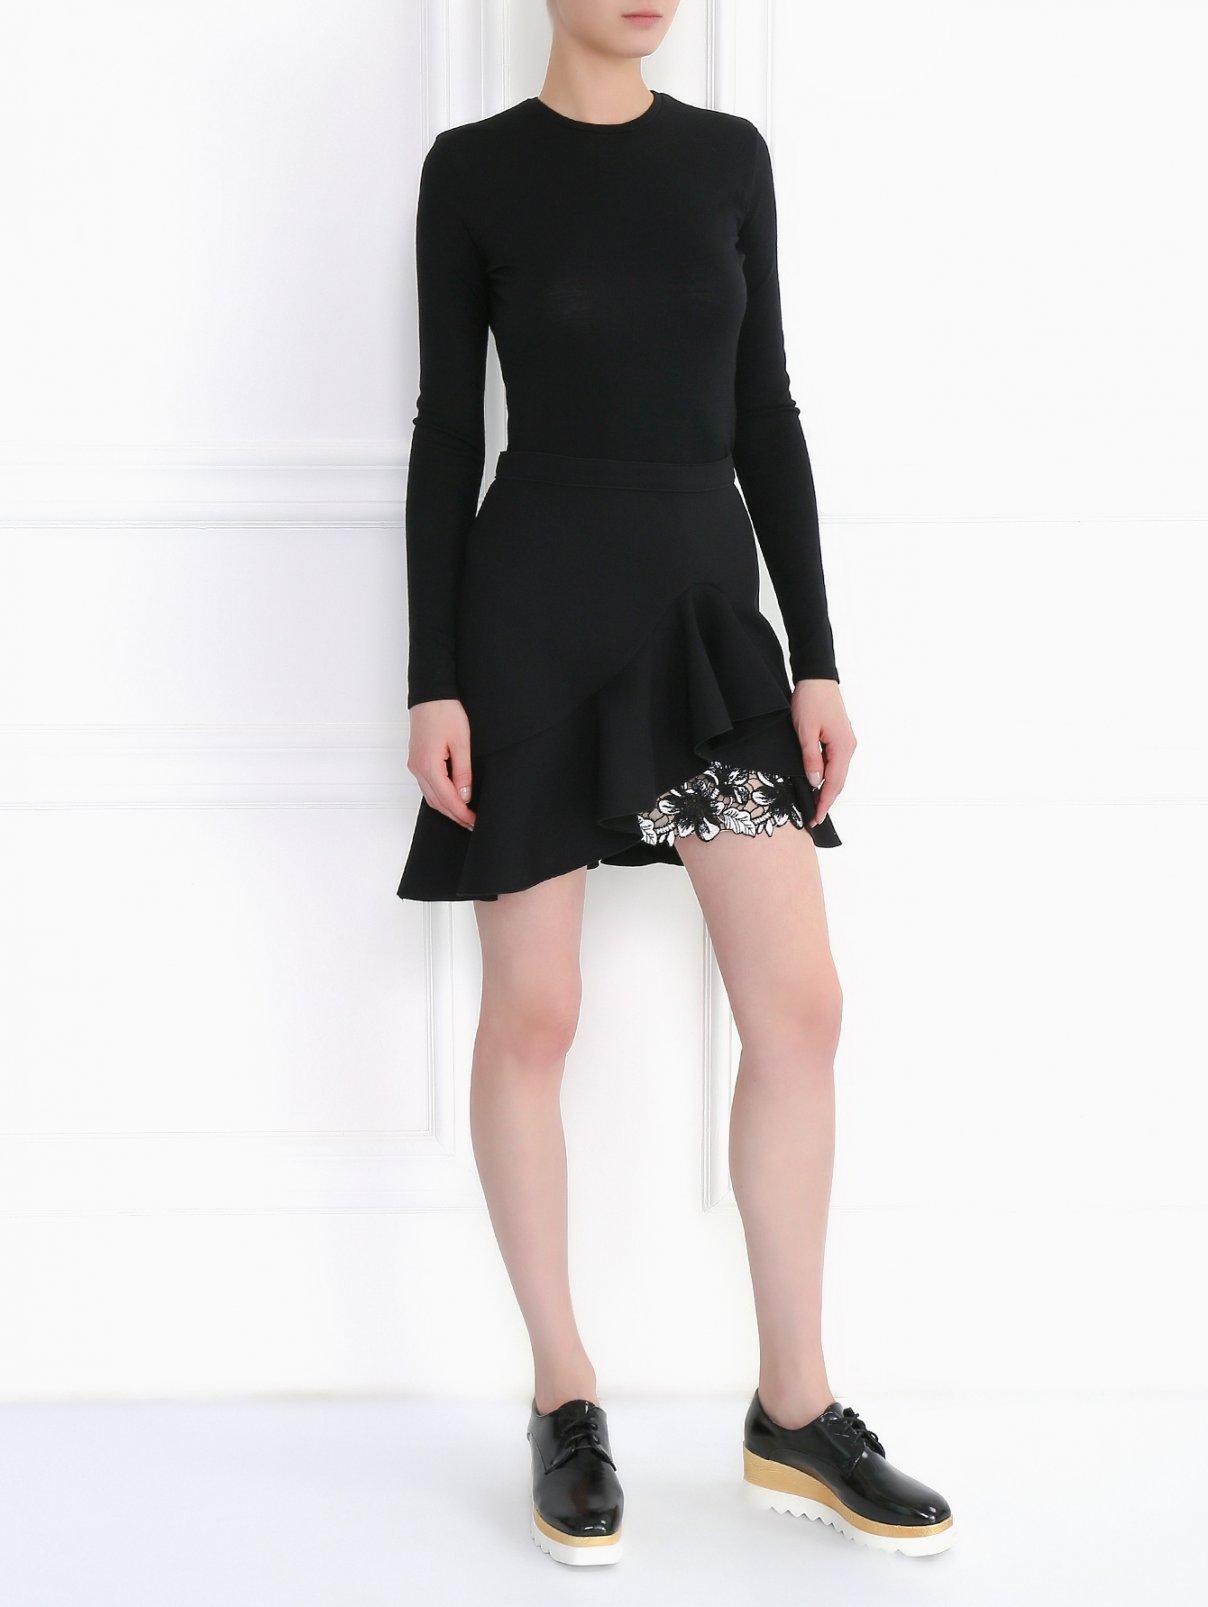 Юбка-мини из вискозы и хлопка с декоративной отделкой Giambattista Valli  –  Модель Общий вид  – Цвет:  Черный